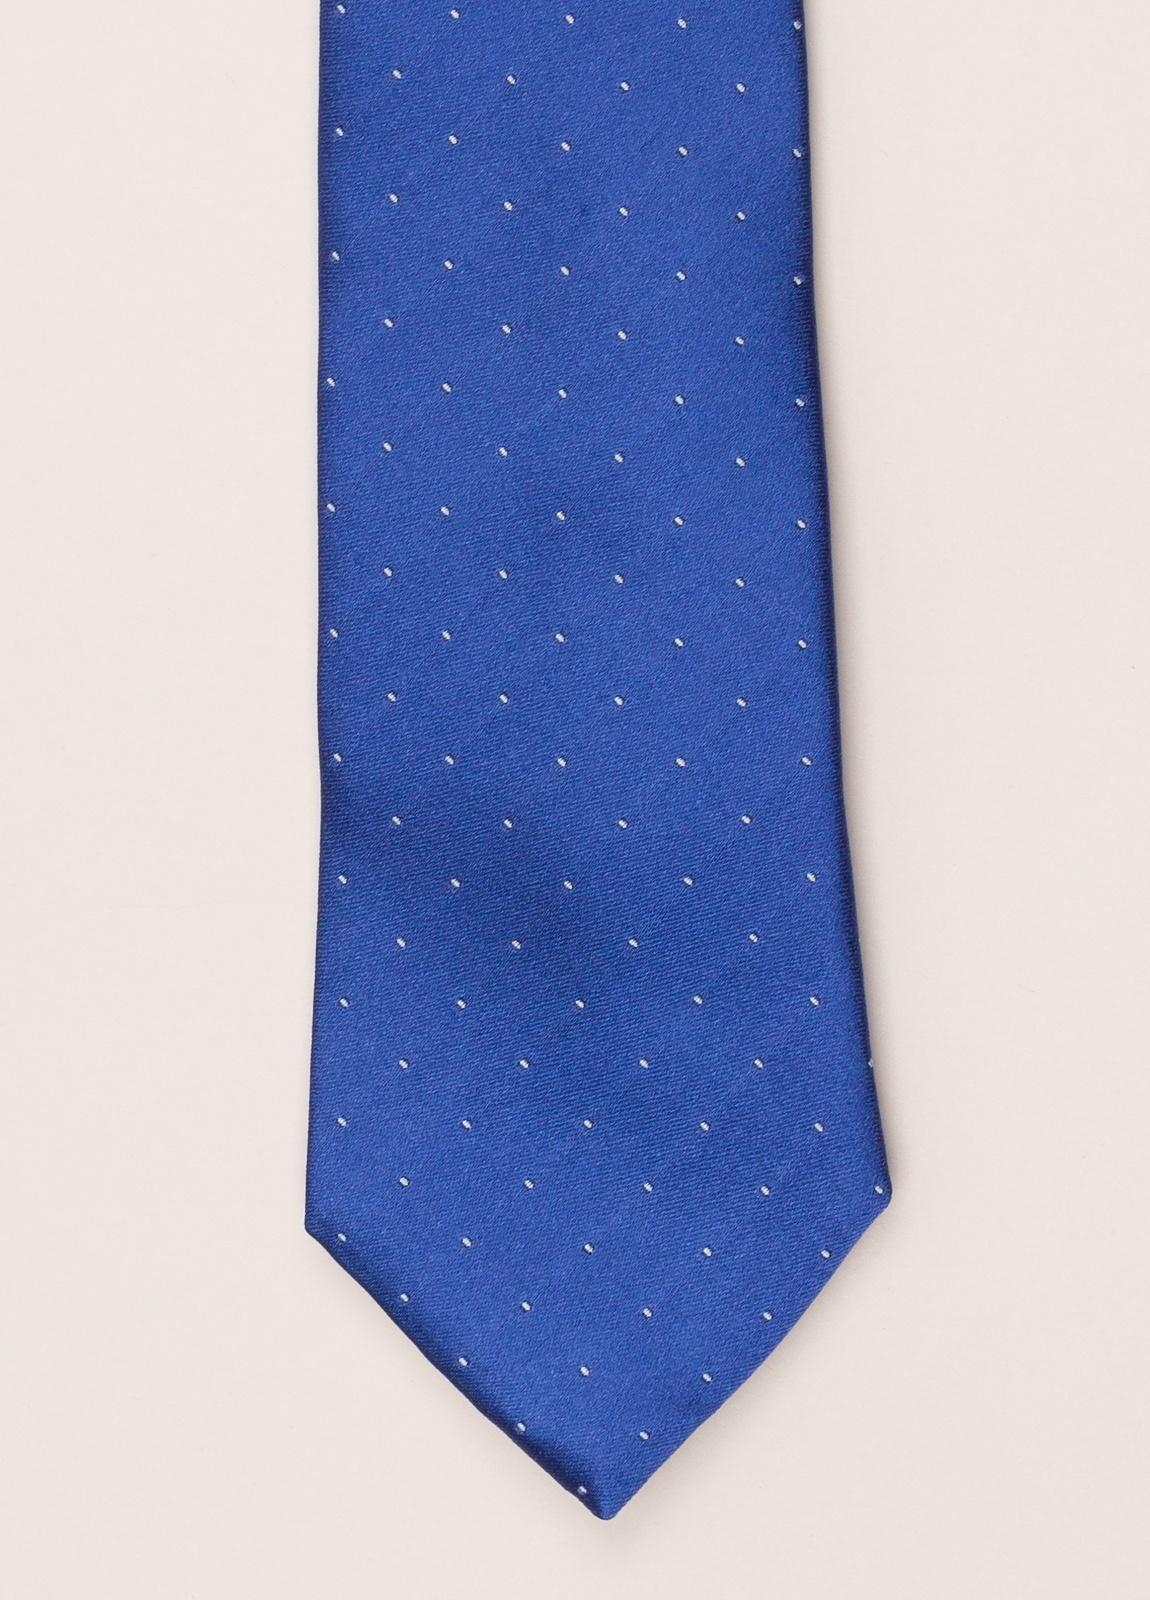 Corbata FUREST COLECCIÓN azul